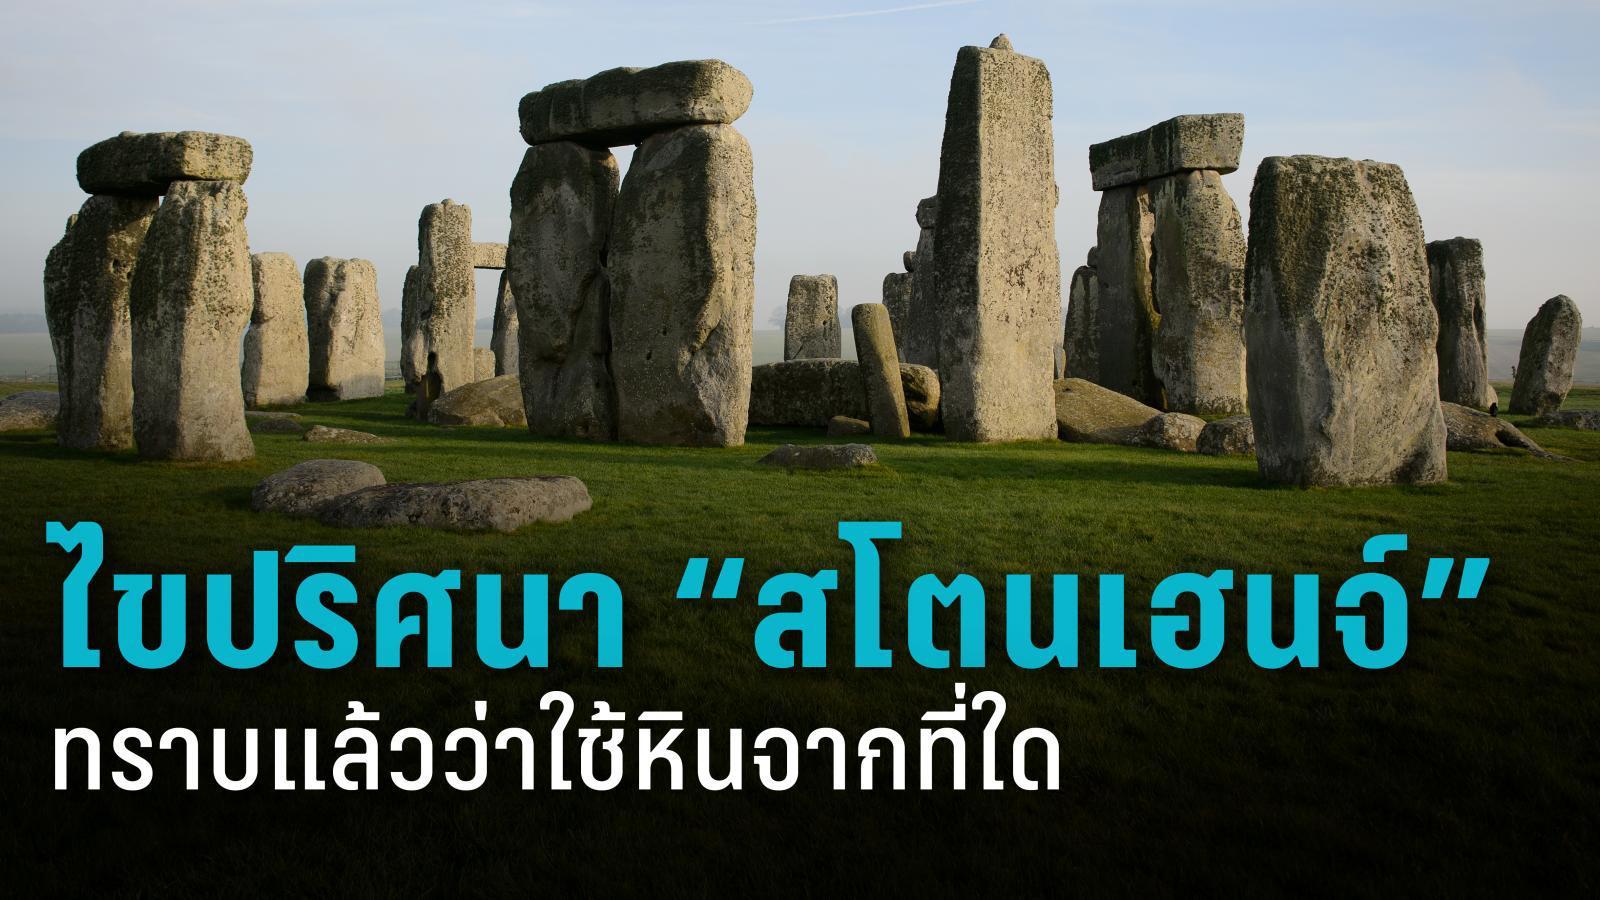 """ไขปริศนาได้หนึ่งอย่าง! นักโบราณคดีค้นพบแหล่งที่มาหินที่ใช้สร้าง """"สโตนเฮนจ์"""""""